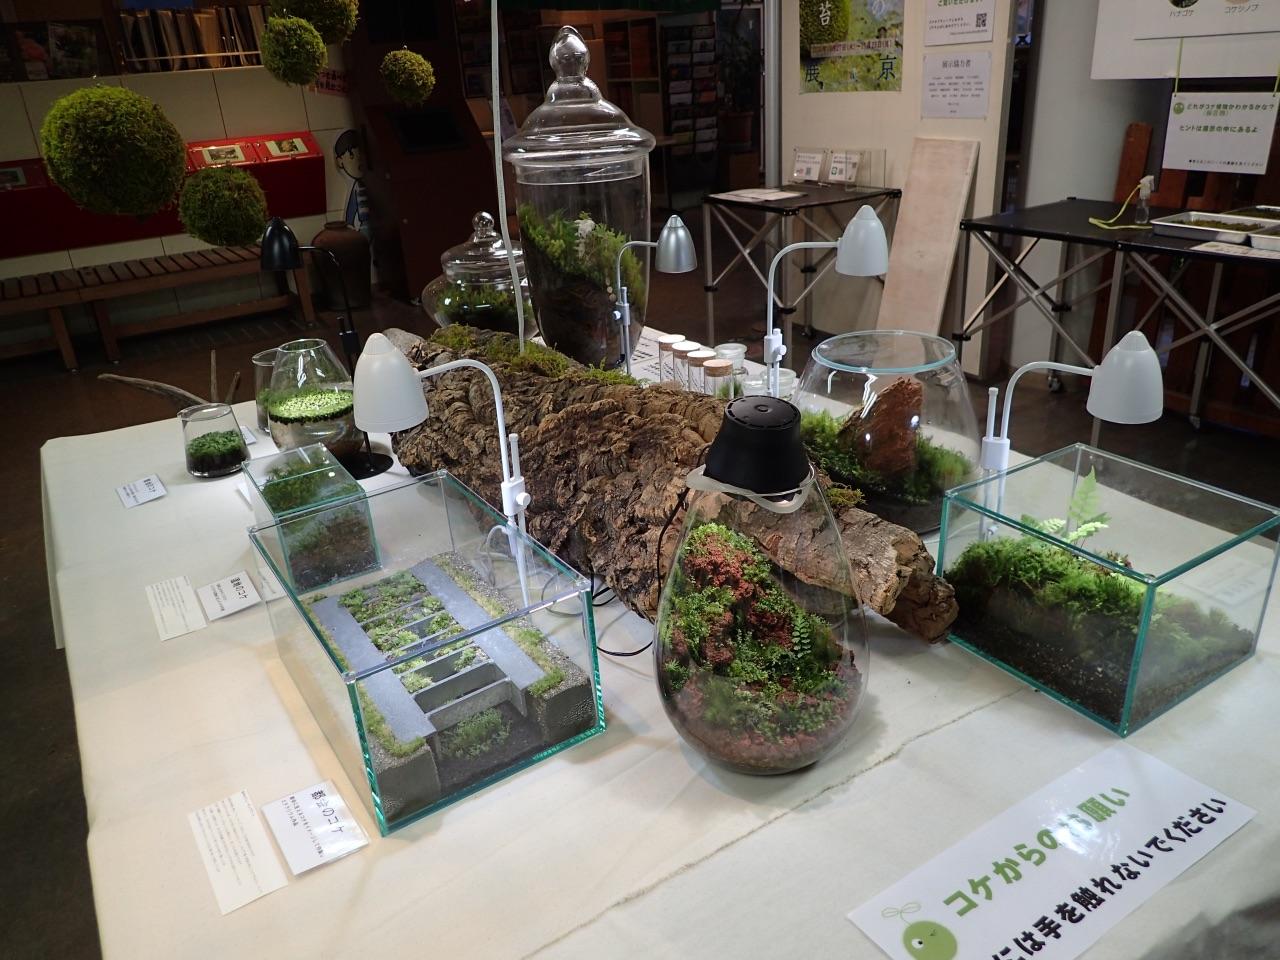 渋谷区ふれあい植物センター「あなたの傍にそっと苔」展